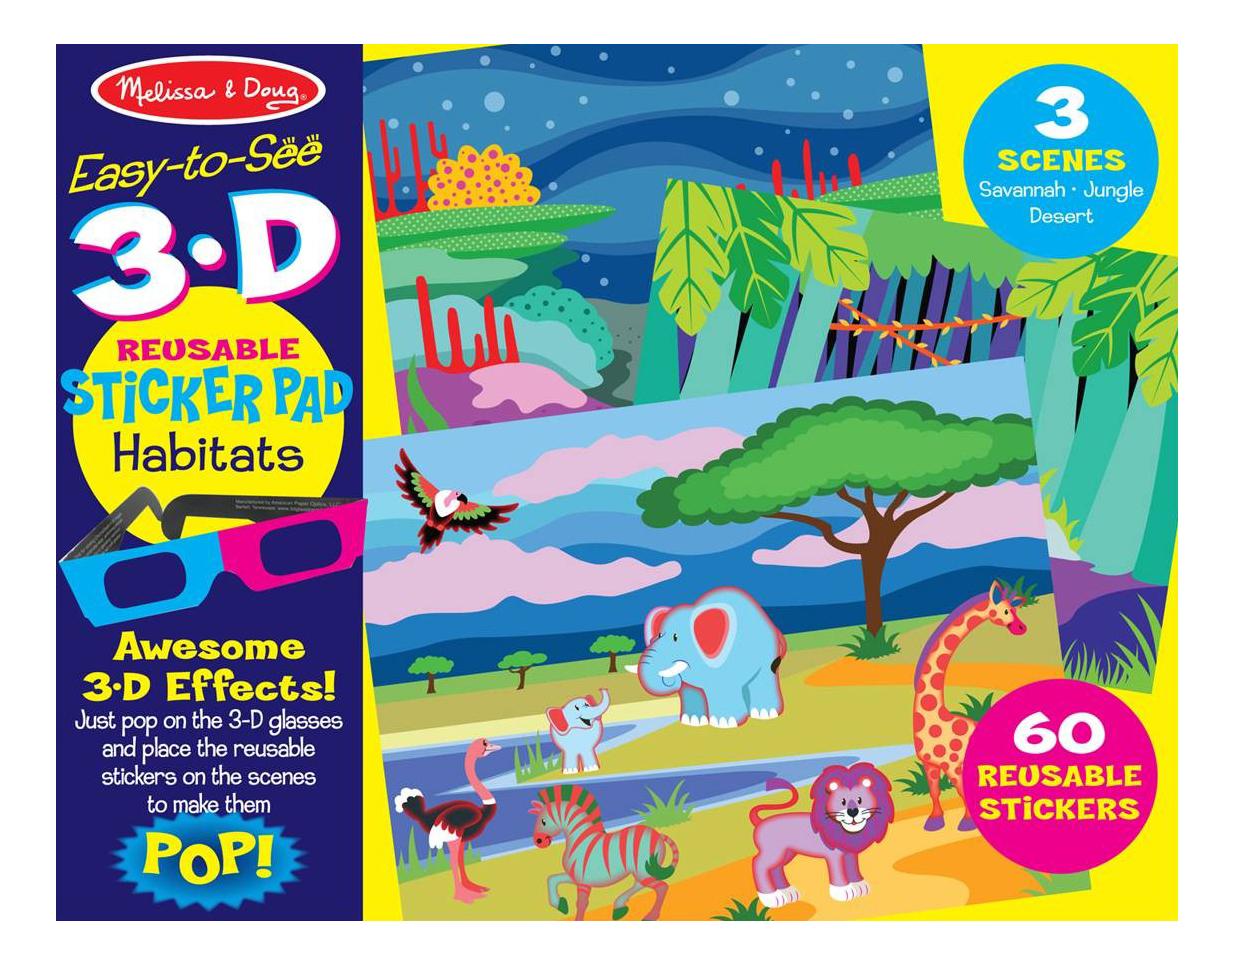 Купить Набор для творчества Melissa&Doug Творчество Среда обитания с 3D очками (9376), Melissa & Doug, Книги по обучению и развитию детей